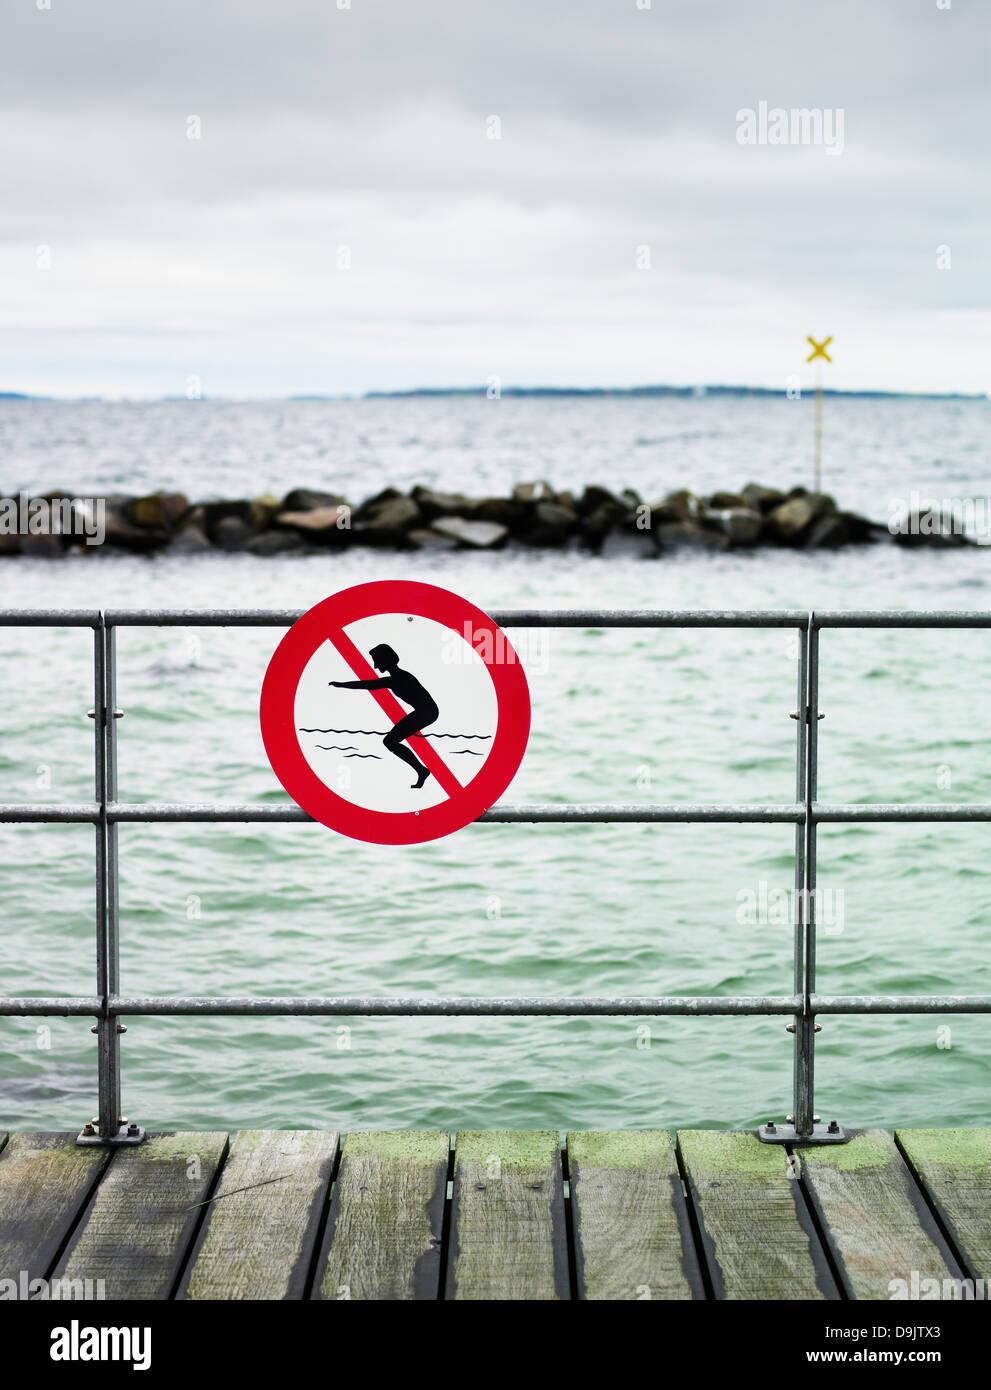 No hay signo de natación en el muelle barandilla Imagen De Stock